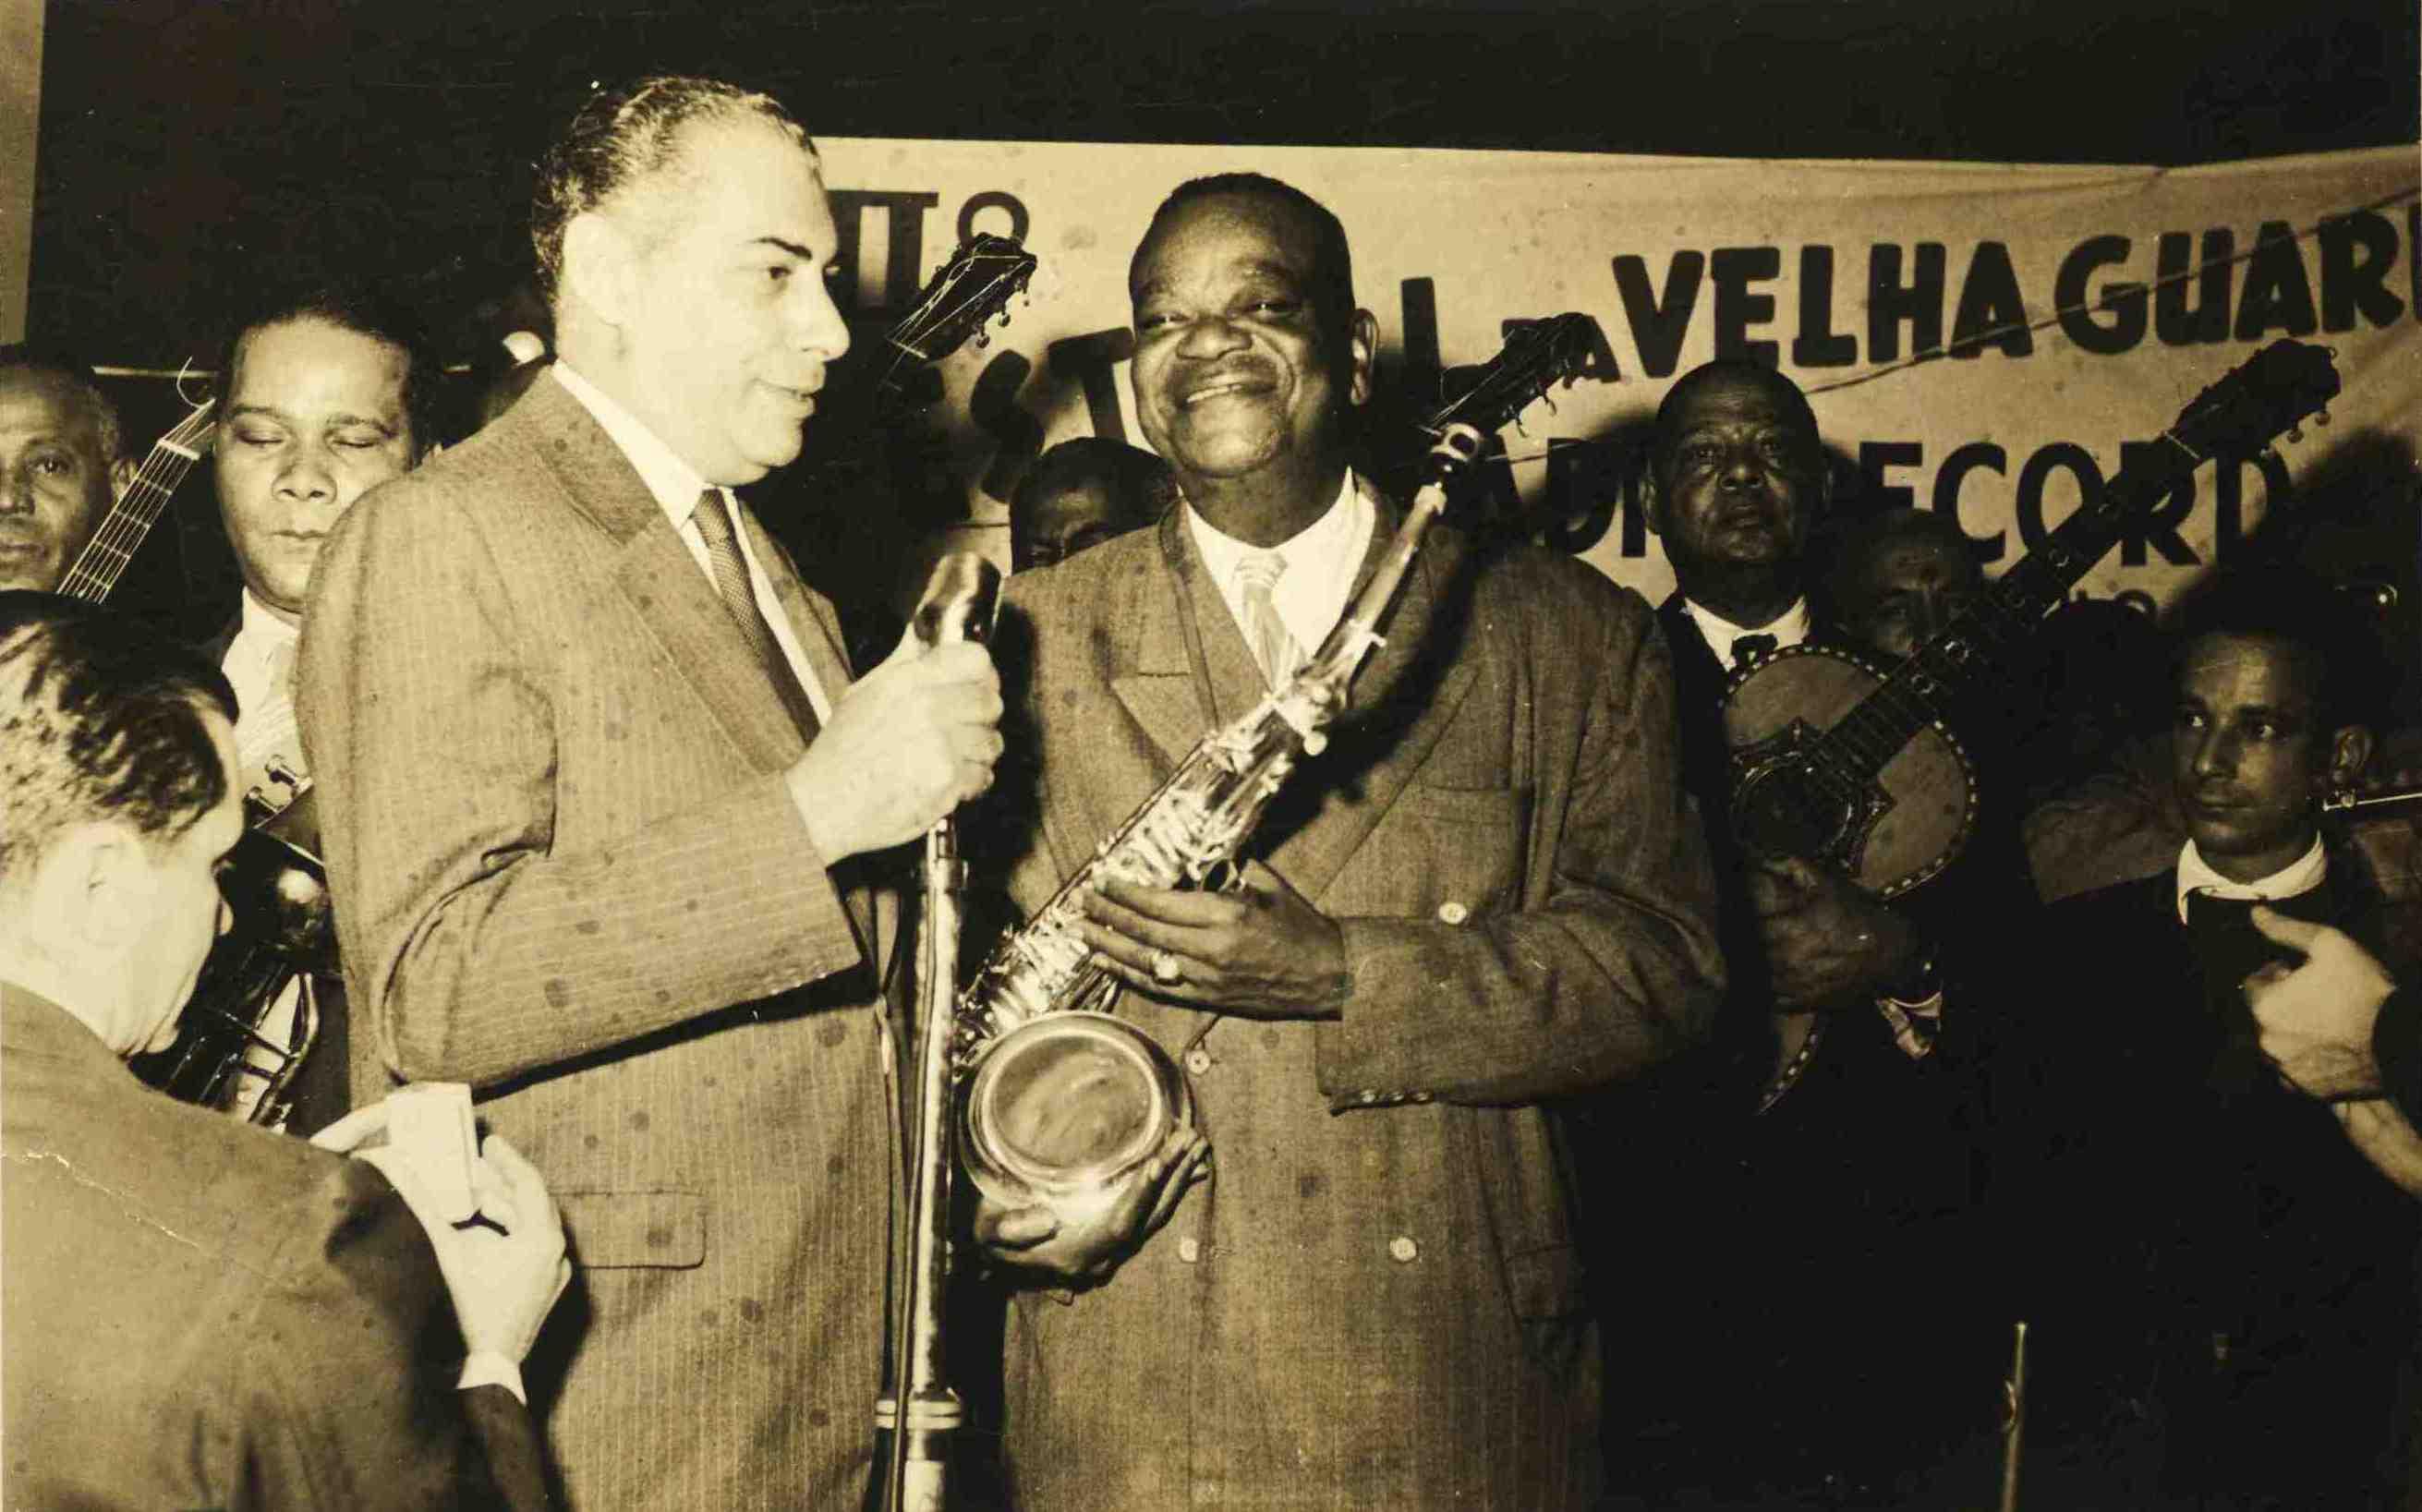 Almirante e Pixinguinha. II Festival da Velha Guarda, transmitido pela Rádio Record. São Paulo, 1955 (MIS_Alm_116757 / Acervo Almirante / MIS-RJ)